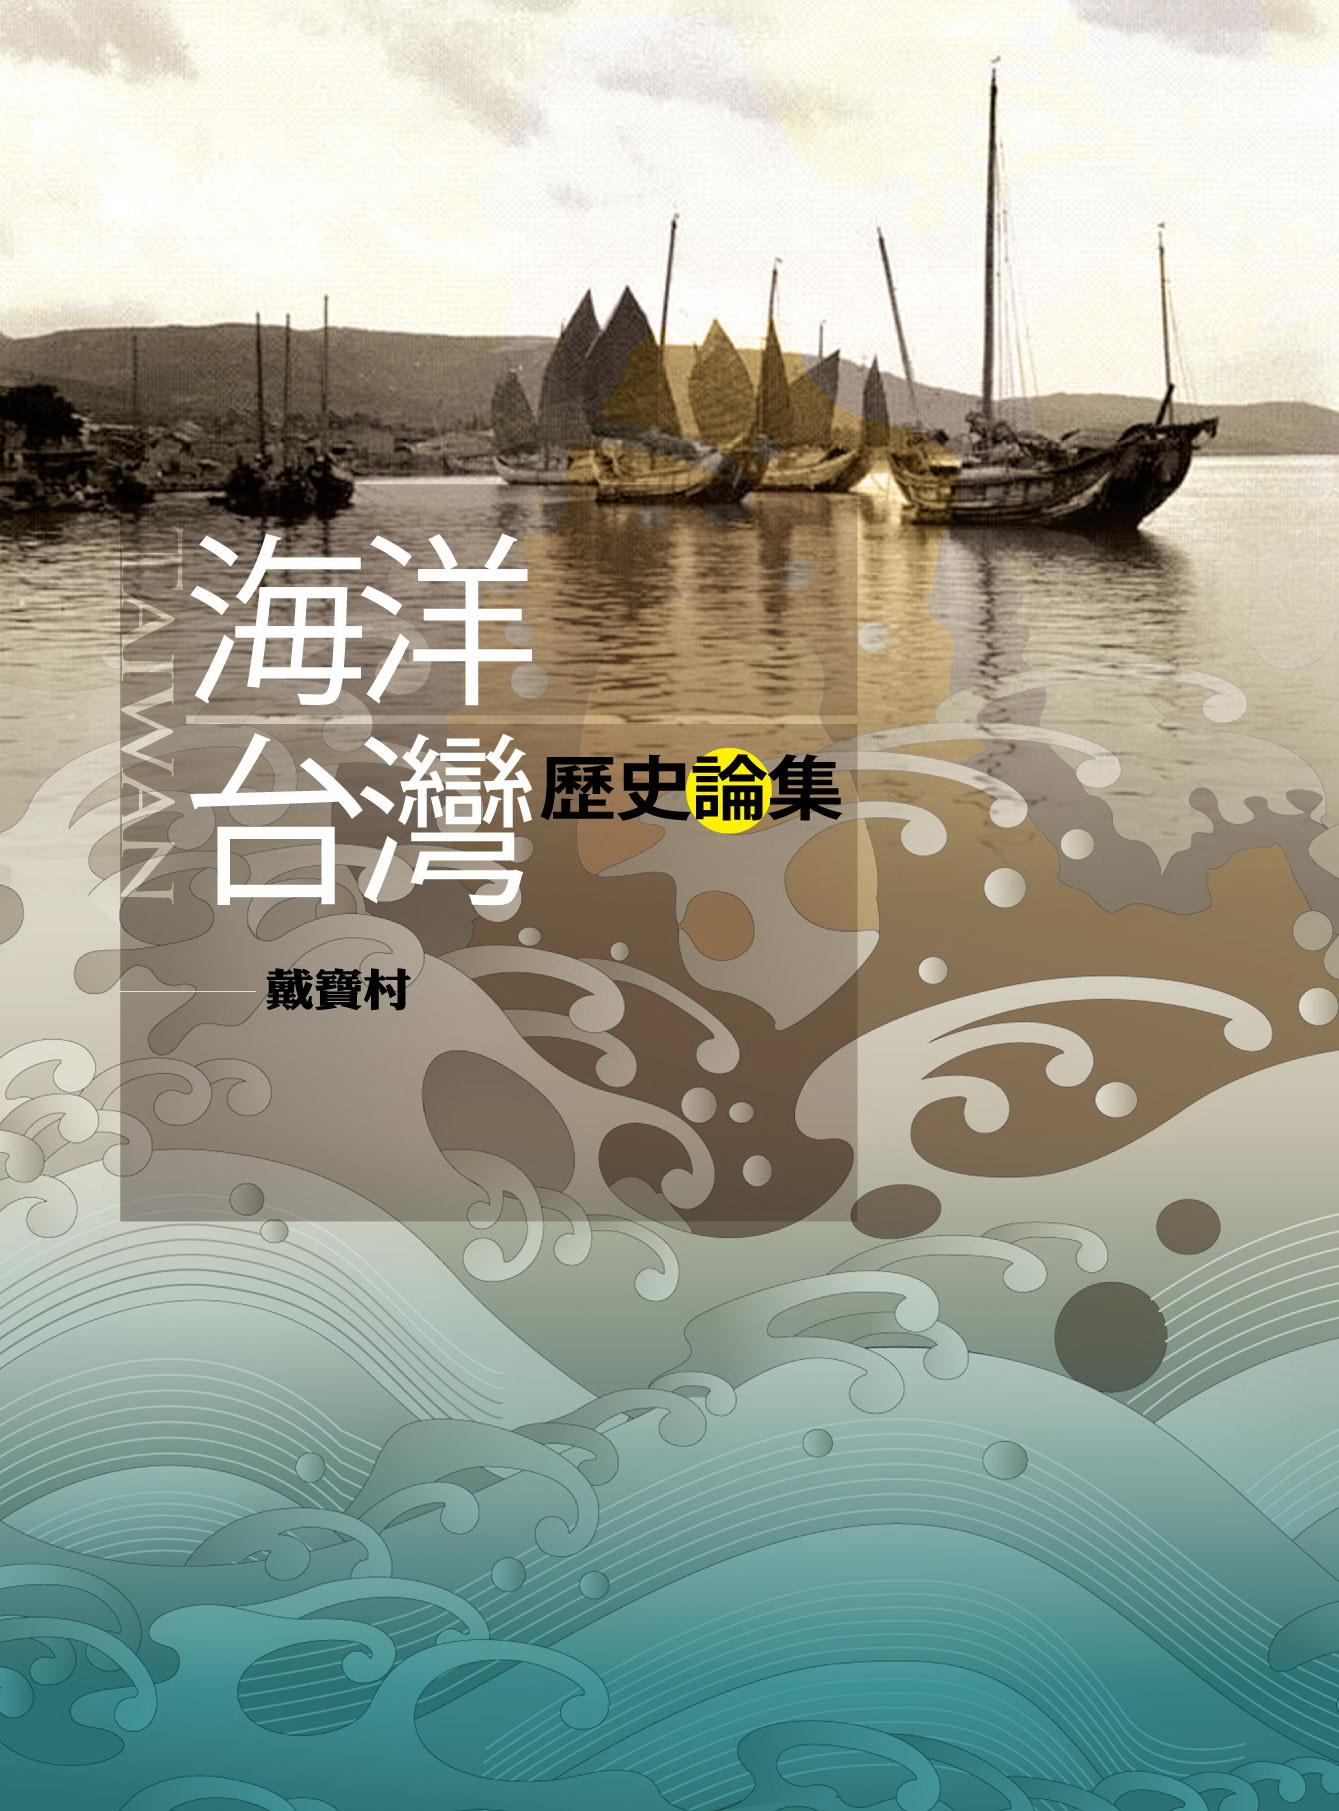 海洋台灣歷史論集  新書發表會 @ 集思台大會議中心(亞歷山大廳)